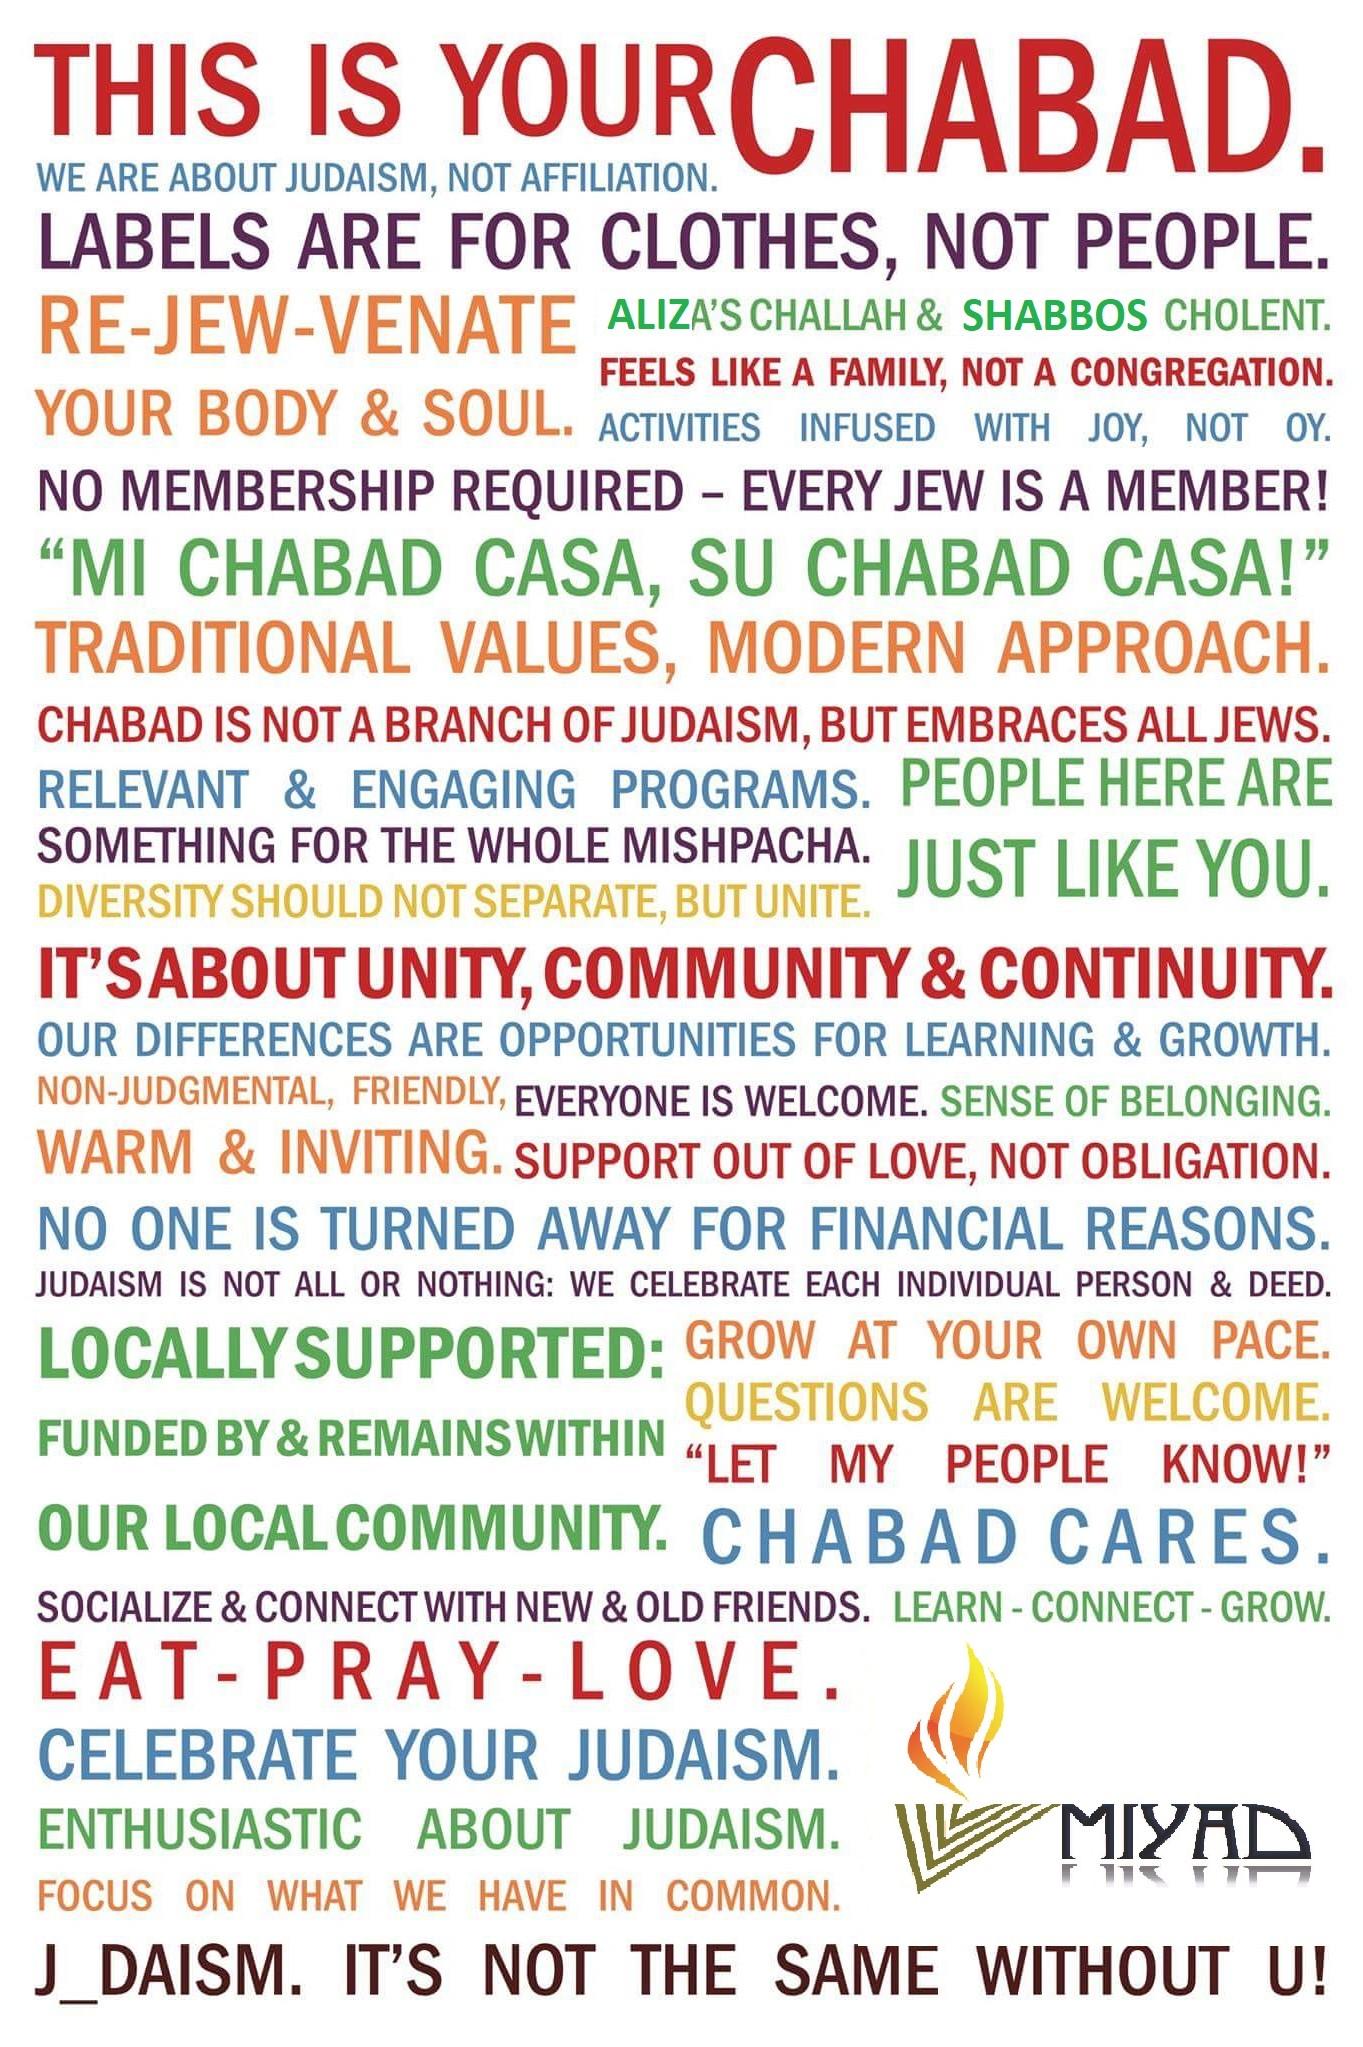 Chabad is....MiYaD.jpg